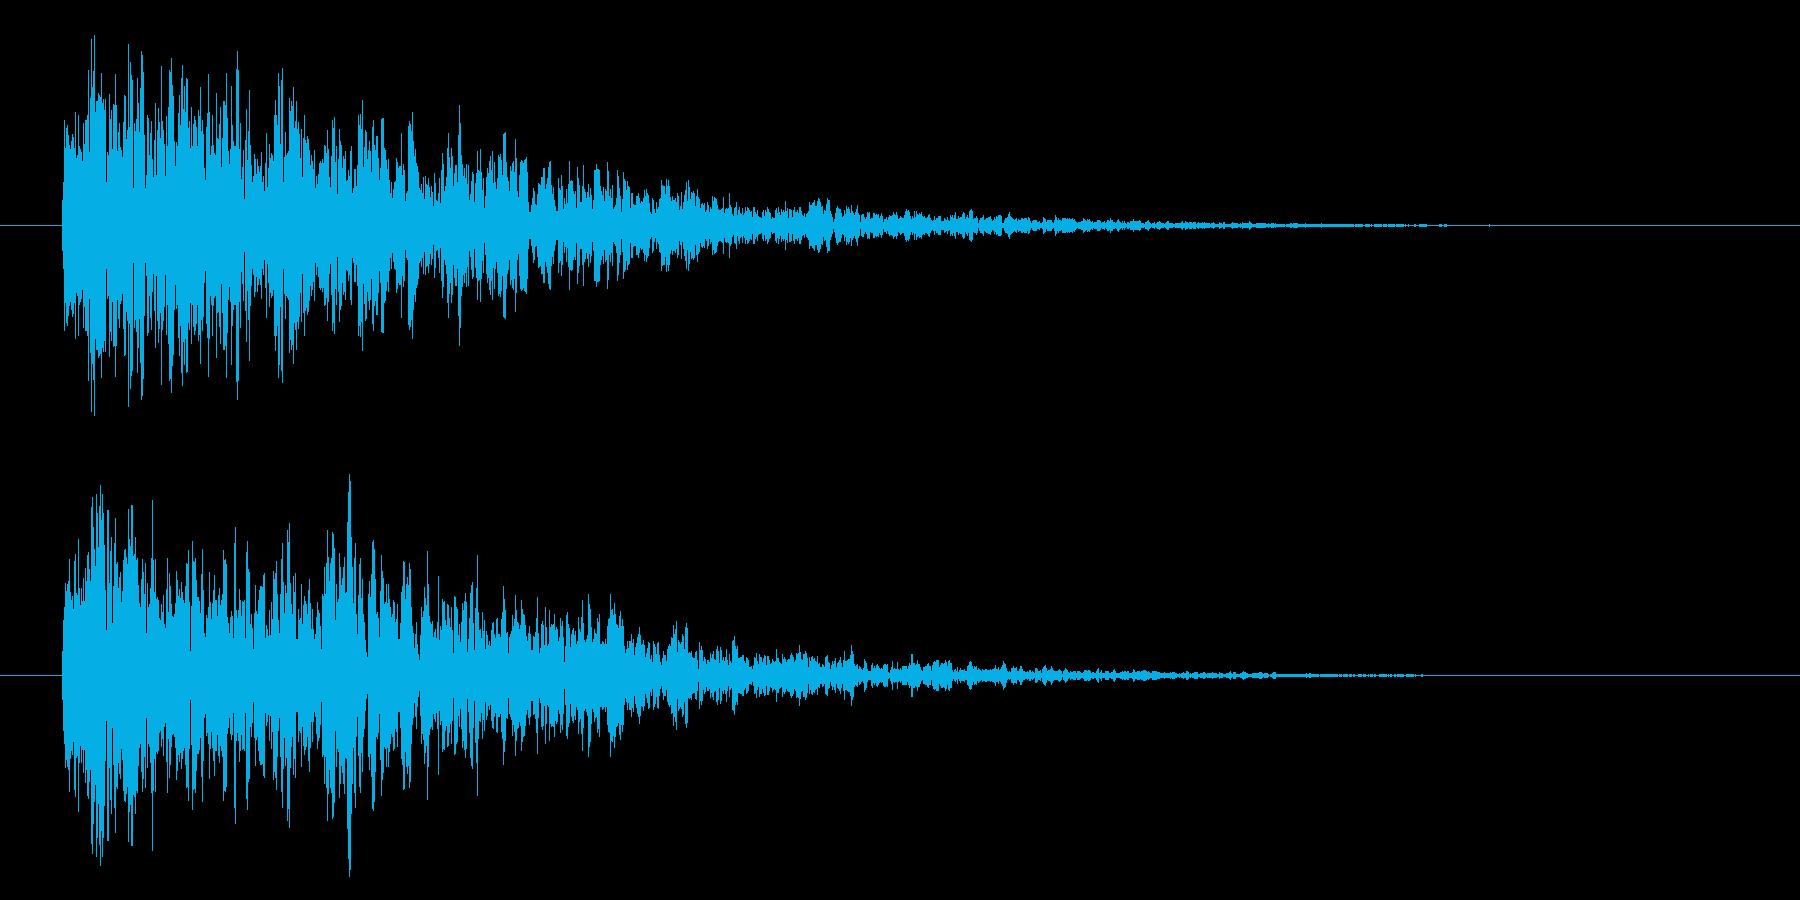 【アクセント45-1】の再生済みの波形